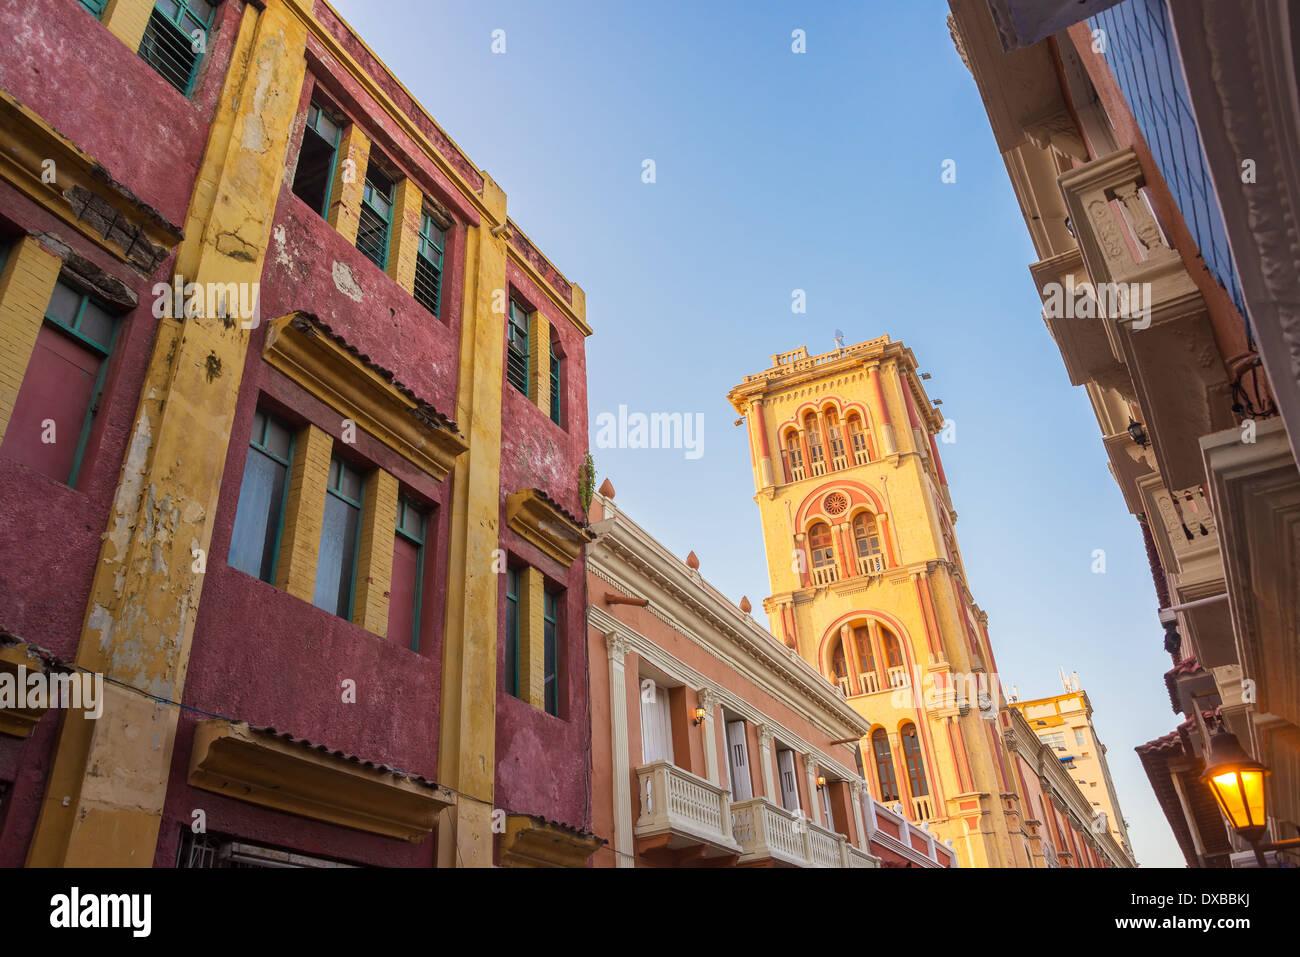 Vue de la tour de l'Université Publique de Carthagène au coeur du quartier historique de Carthagène, Colombie Photo Stock